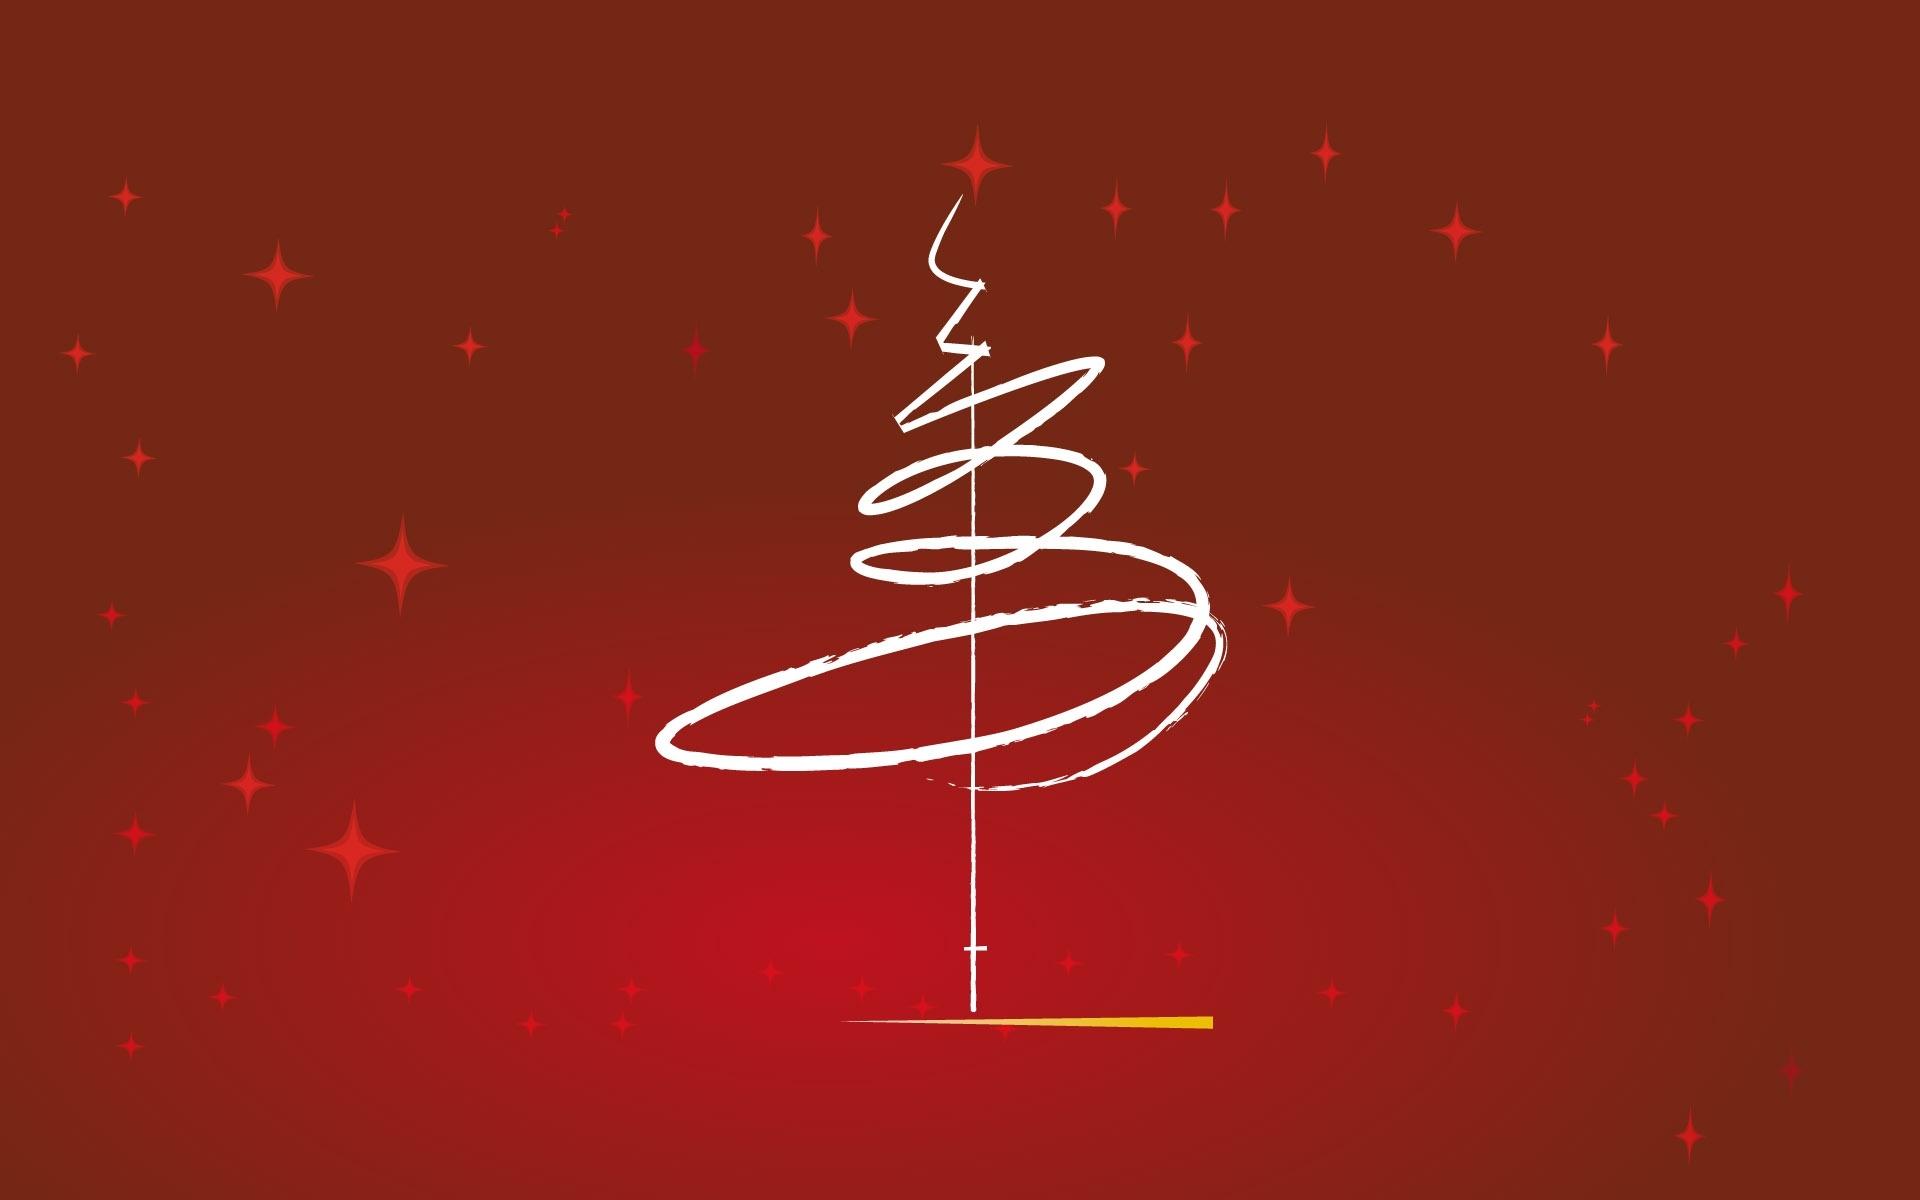 クリスマスをテーマに デザイン 木 シンプルなスタイル デスクトップの壁紙 1920x1200 壁紙をダウンロード Ja Hdwall365 Com